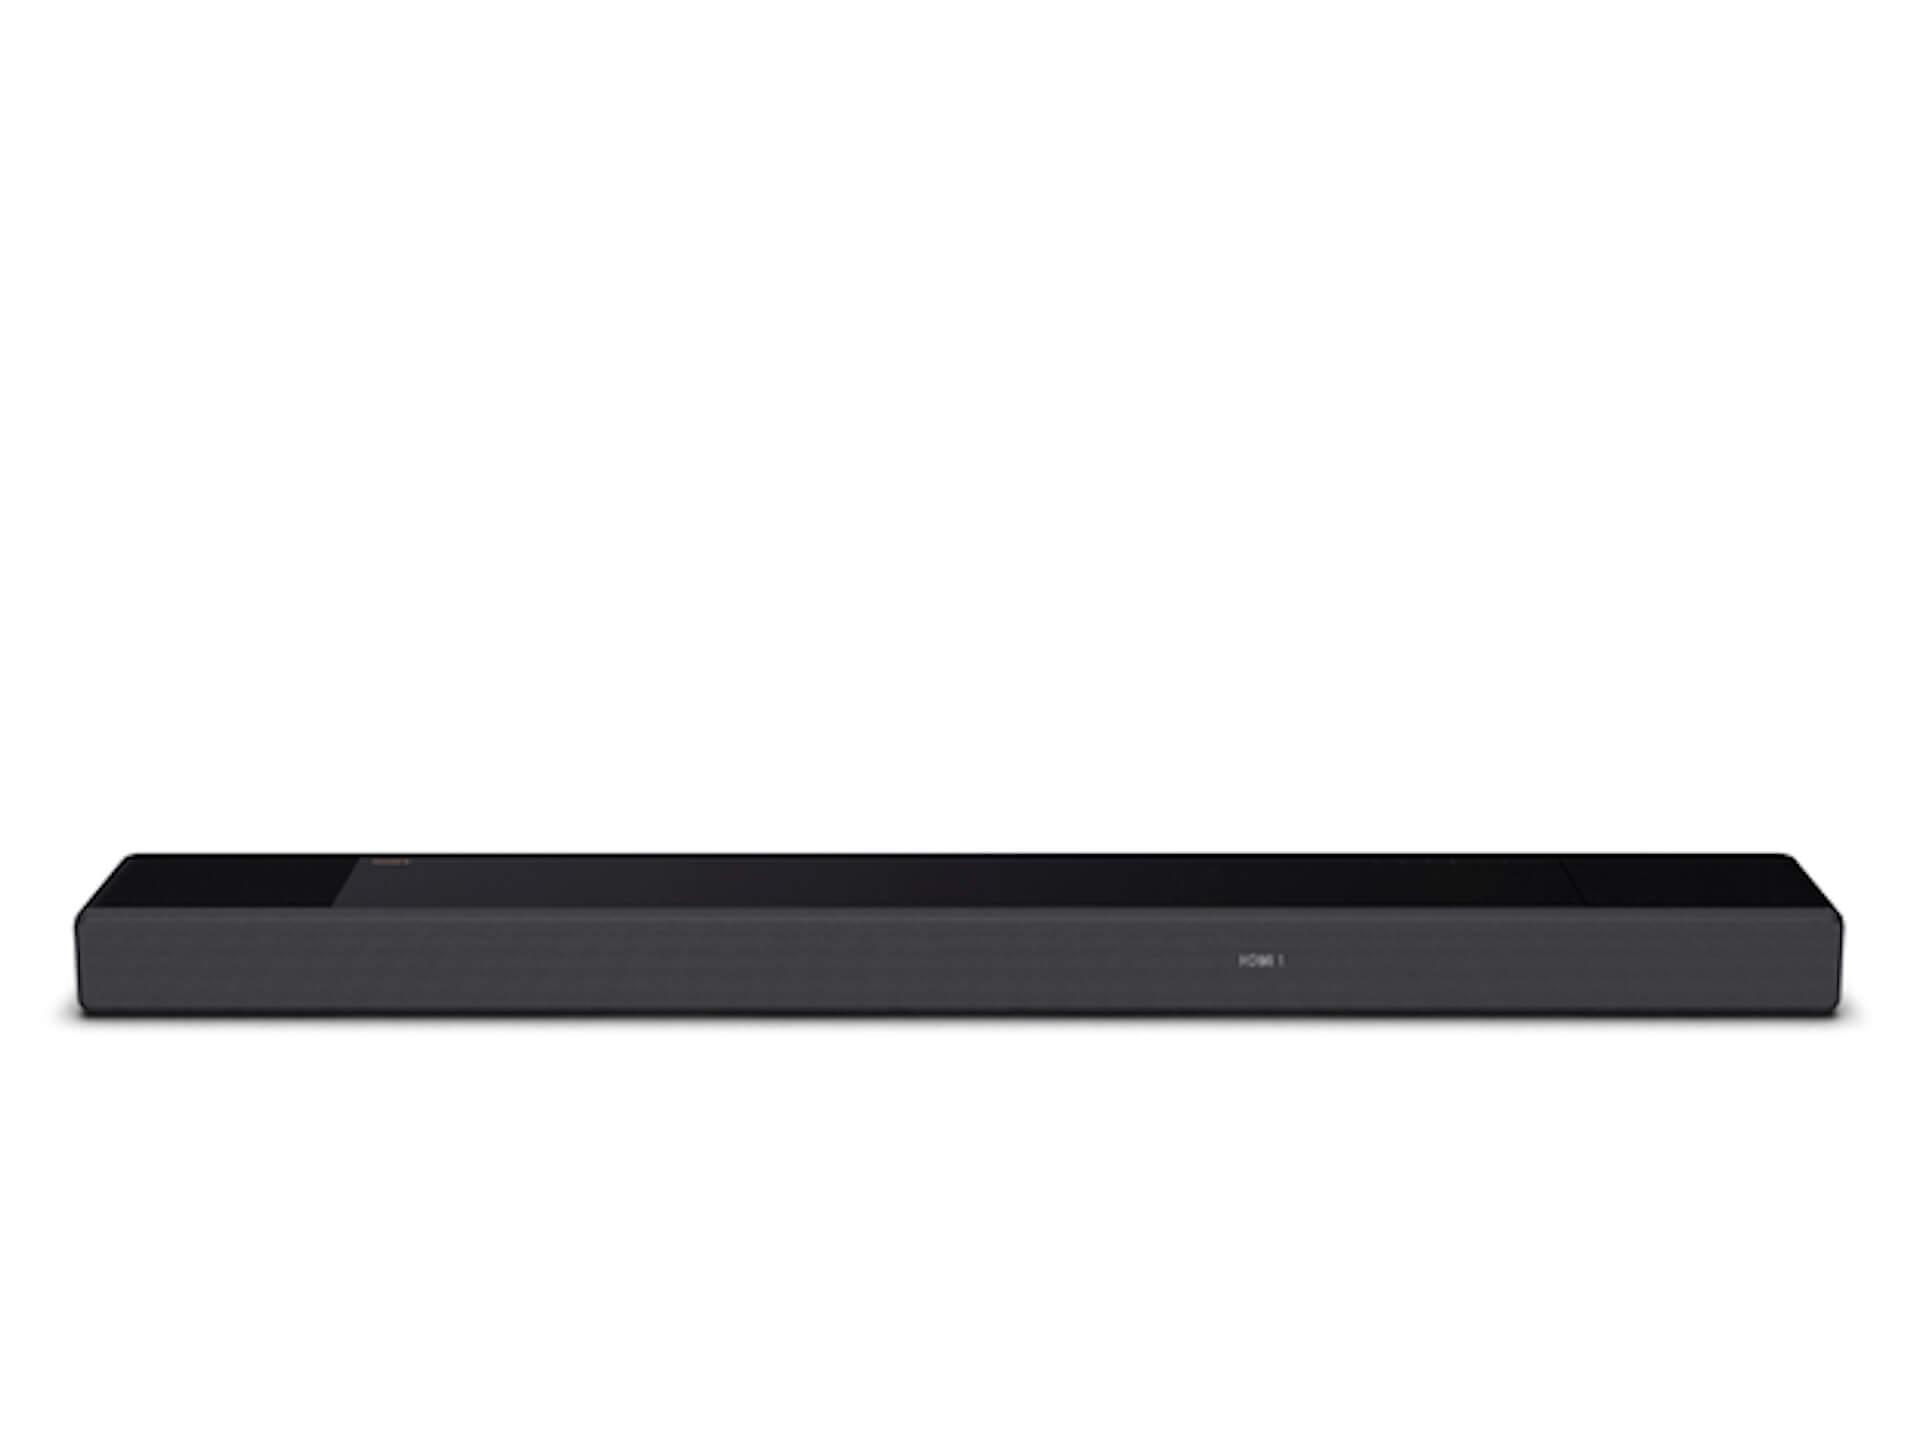 SONYからホームシアターシステム「HT-A9」とサウンドバー最上位機種「HT-A7000」が発売決定! culture_210727_sony7